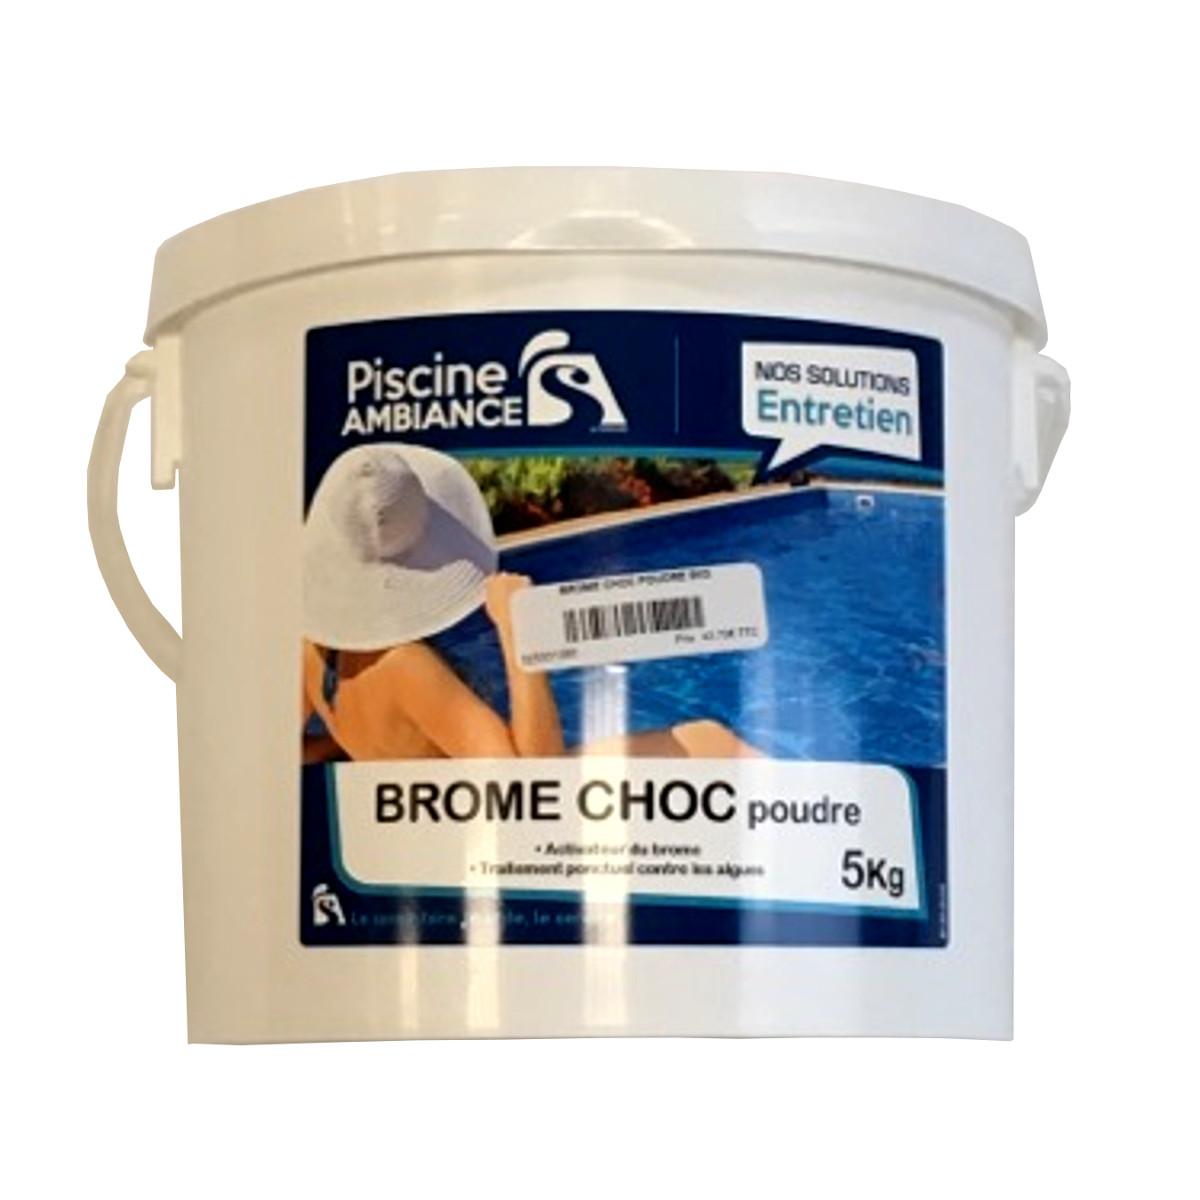 Brome choc poudre 5kg | PISCINE AMBIANCES